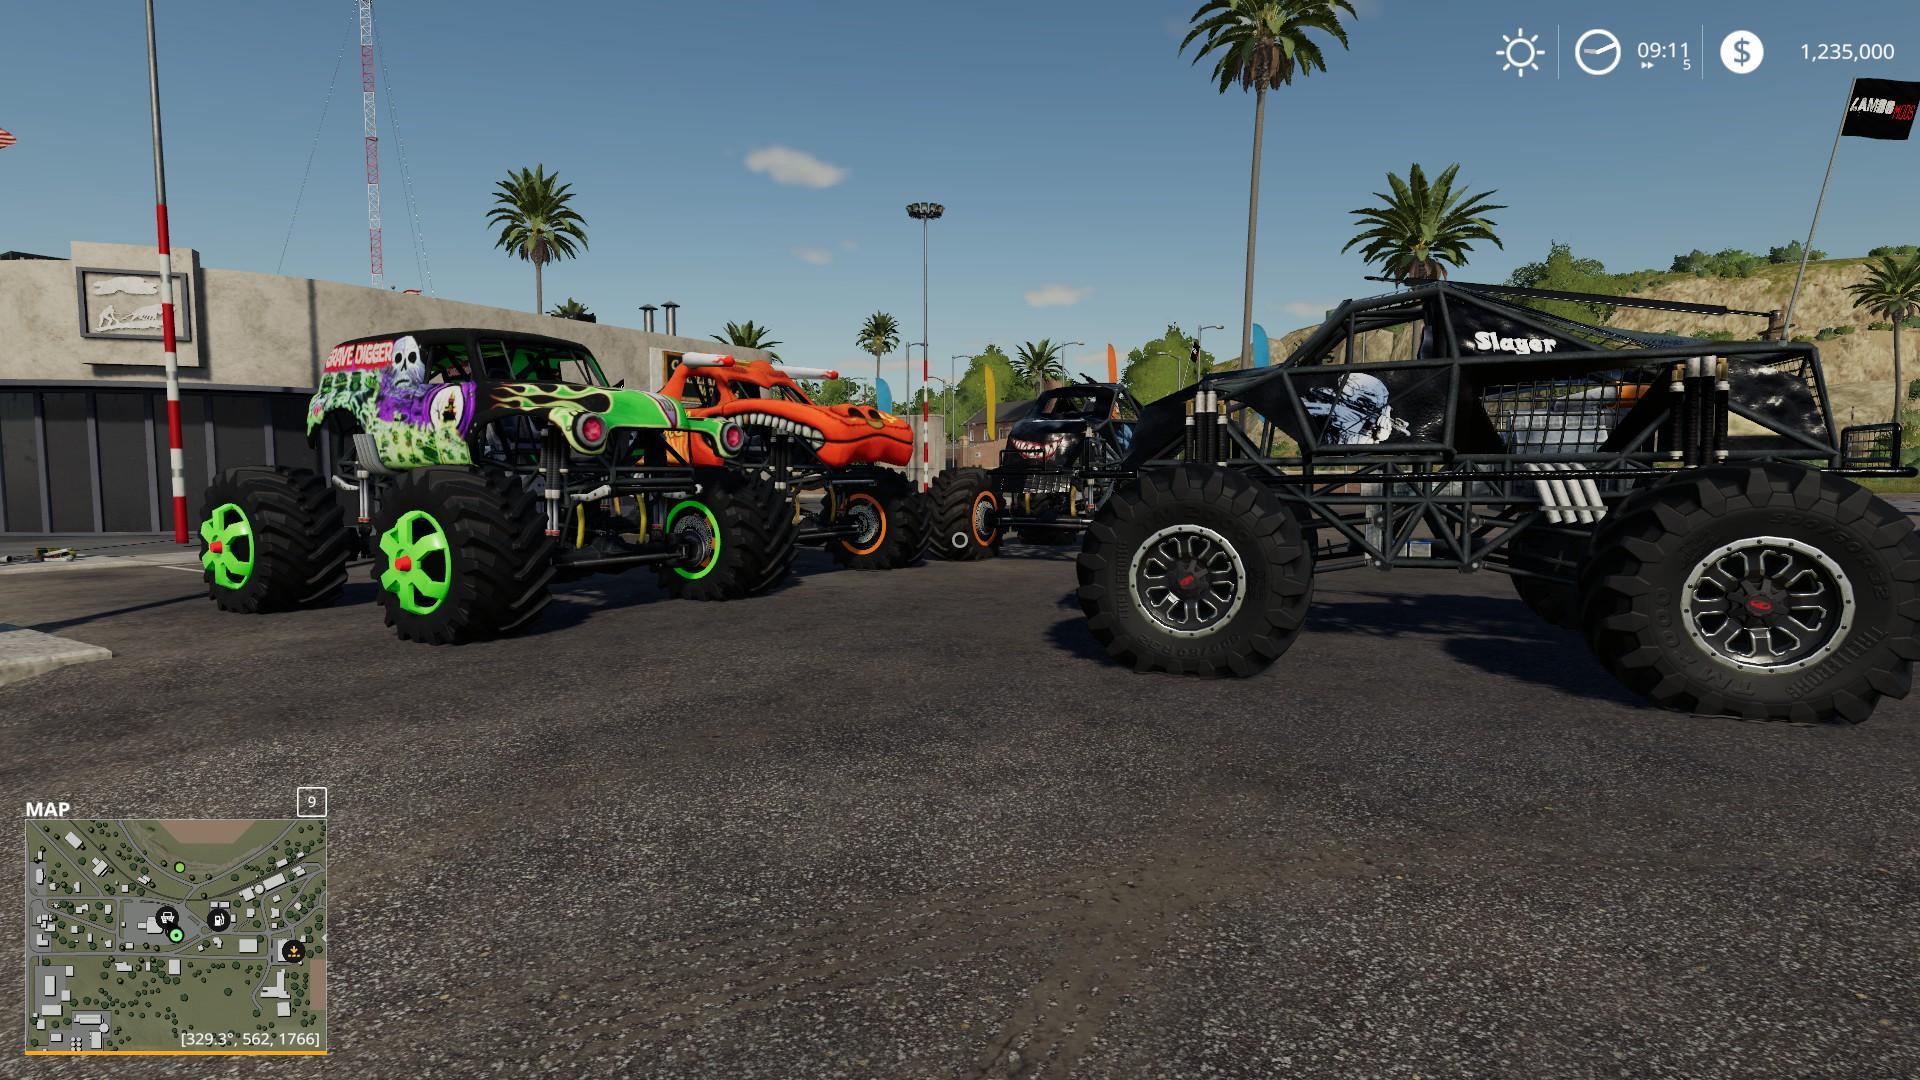 El Toro Loco Monster truck v1 0 Mod - Farming simulator 17